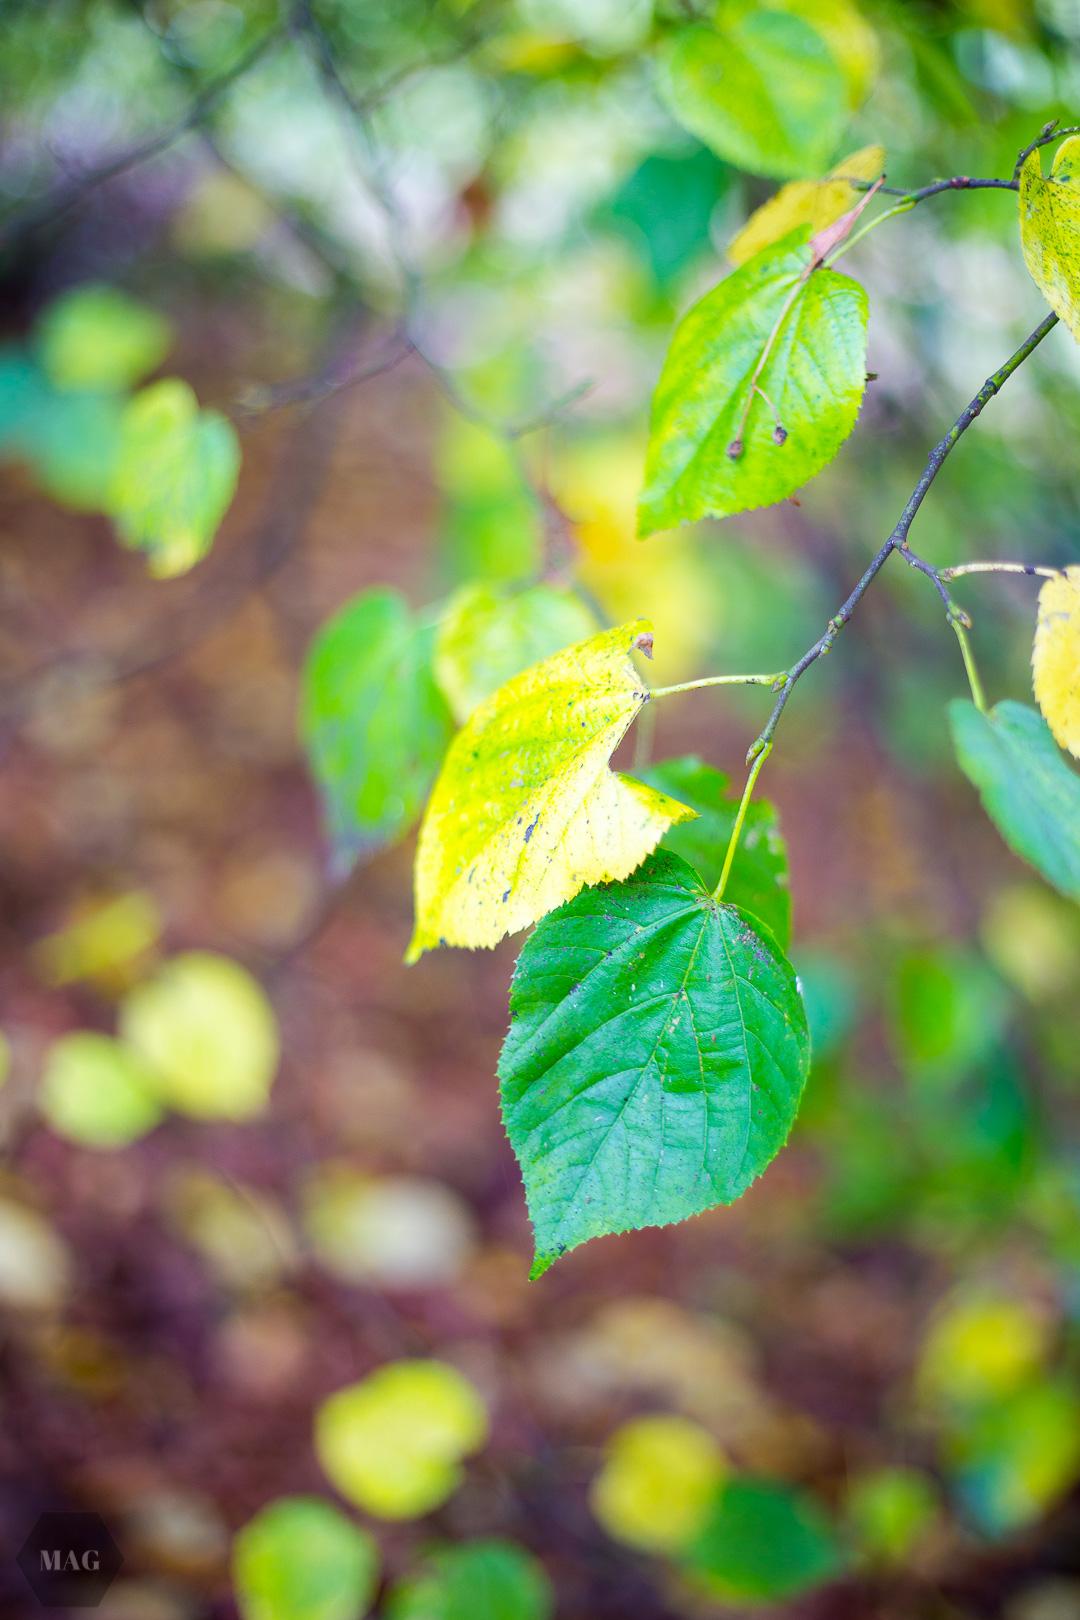 nachhaltigkeit, nachhaltig, was ist eigentlich nachhaltigkeit, grün leben, eco lifeystyle